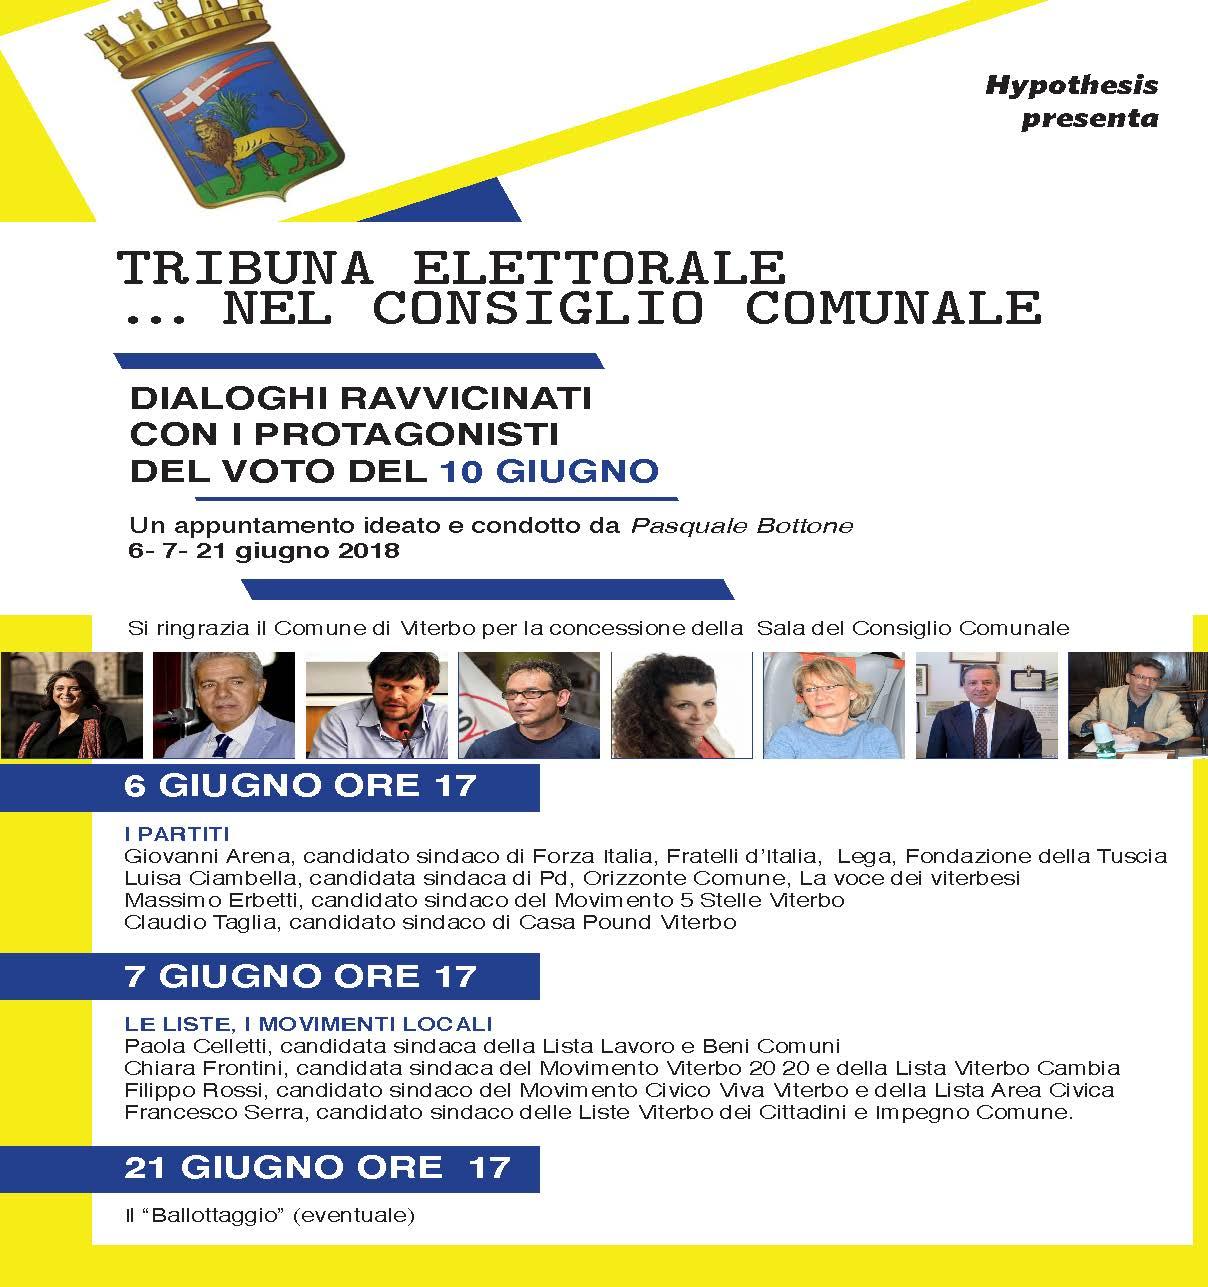 """Tribuna Elettorale nel Consiglio Comunale: lo """"speciale ballottaggio"""" il 21 giugno (ore 18) condotto da Pasquale Bottone"""